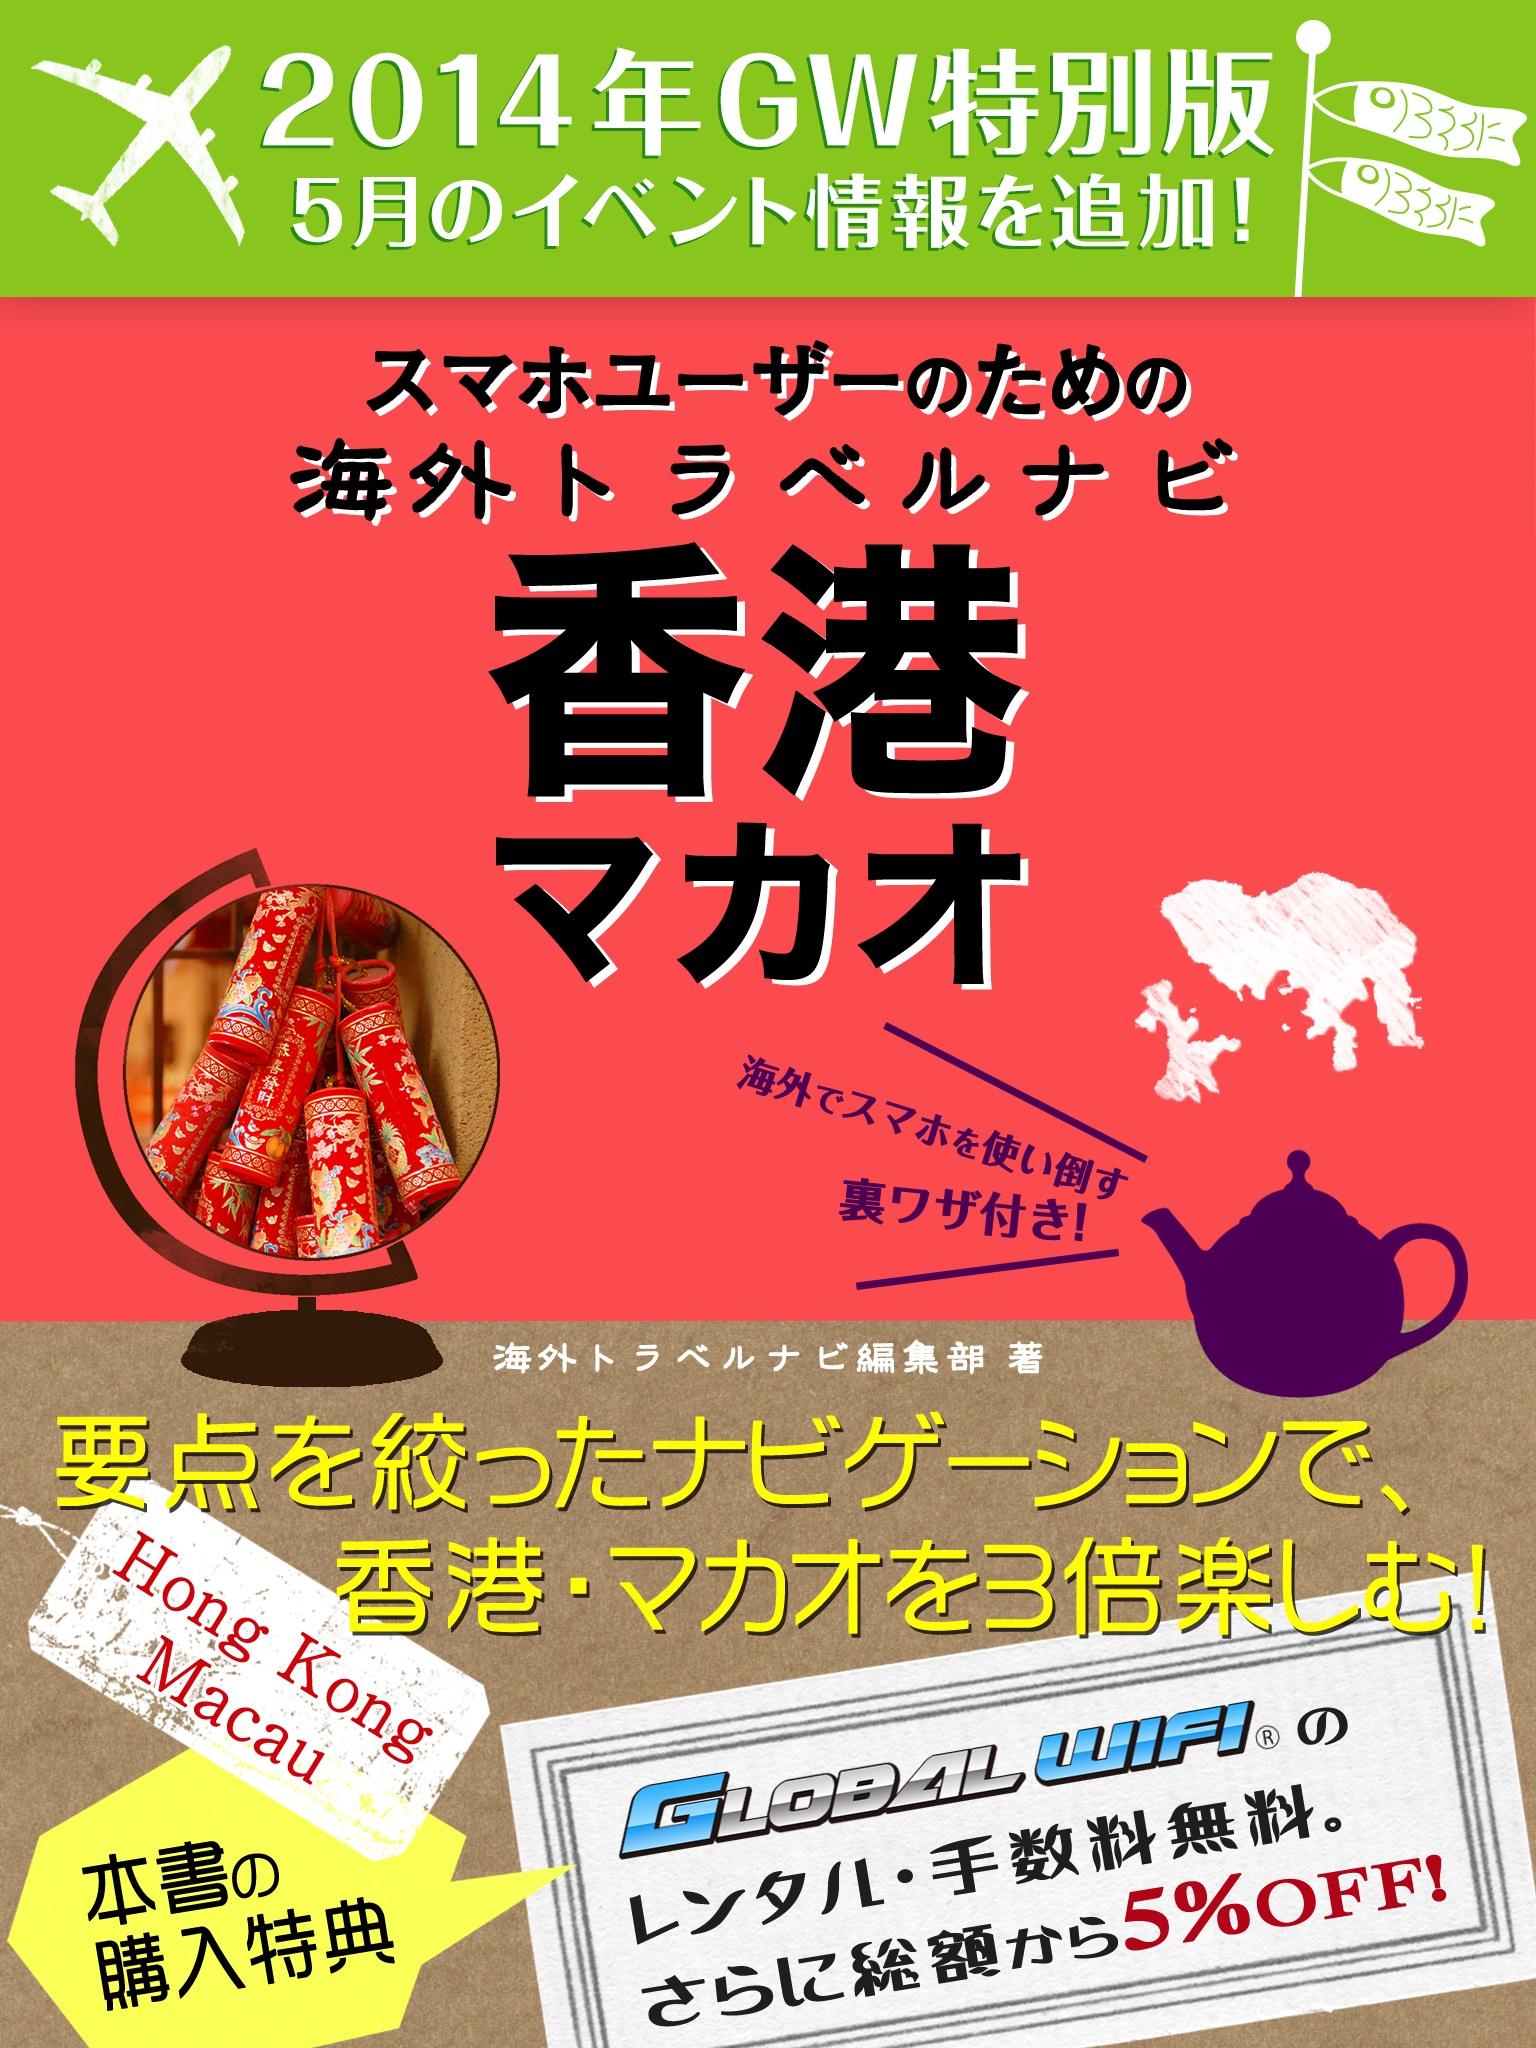 【2014年GW特別版】スマホユーザーのための海外トラベルナビ 香港・マカオ